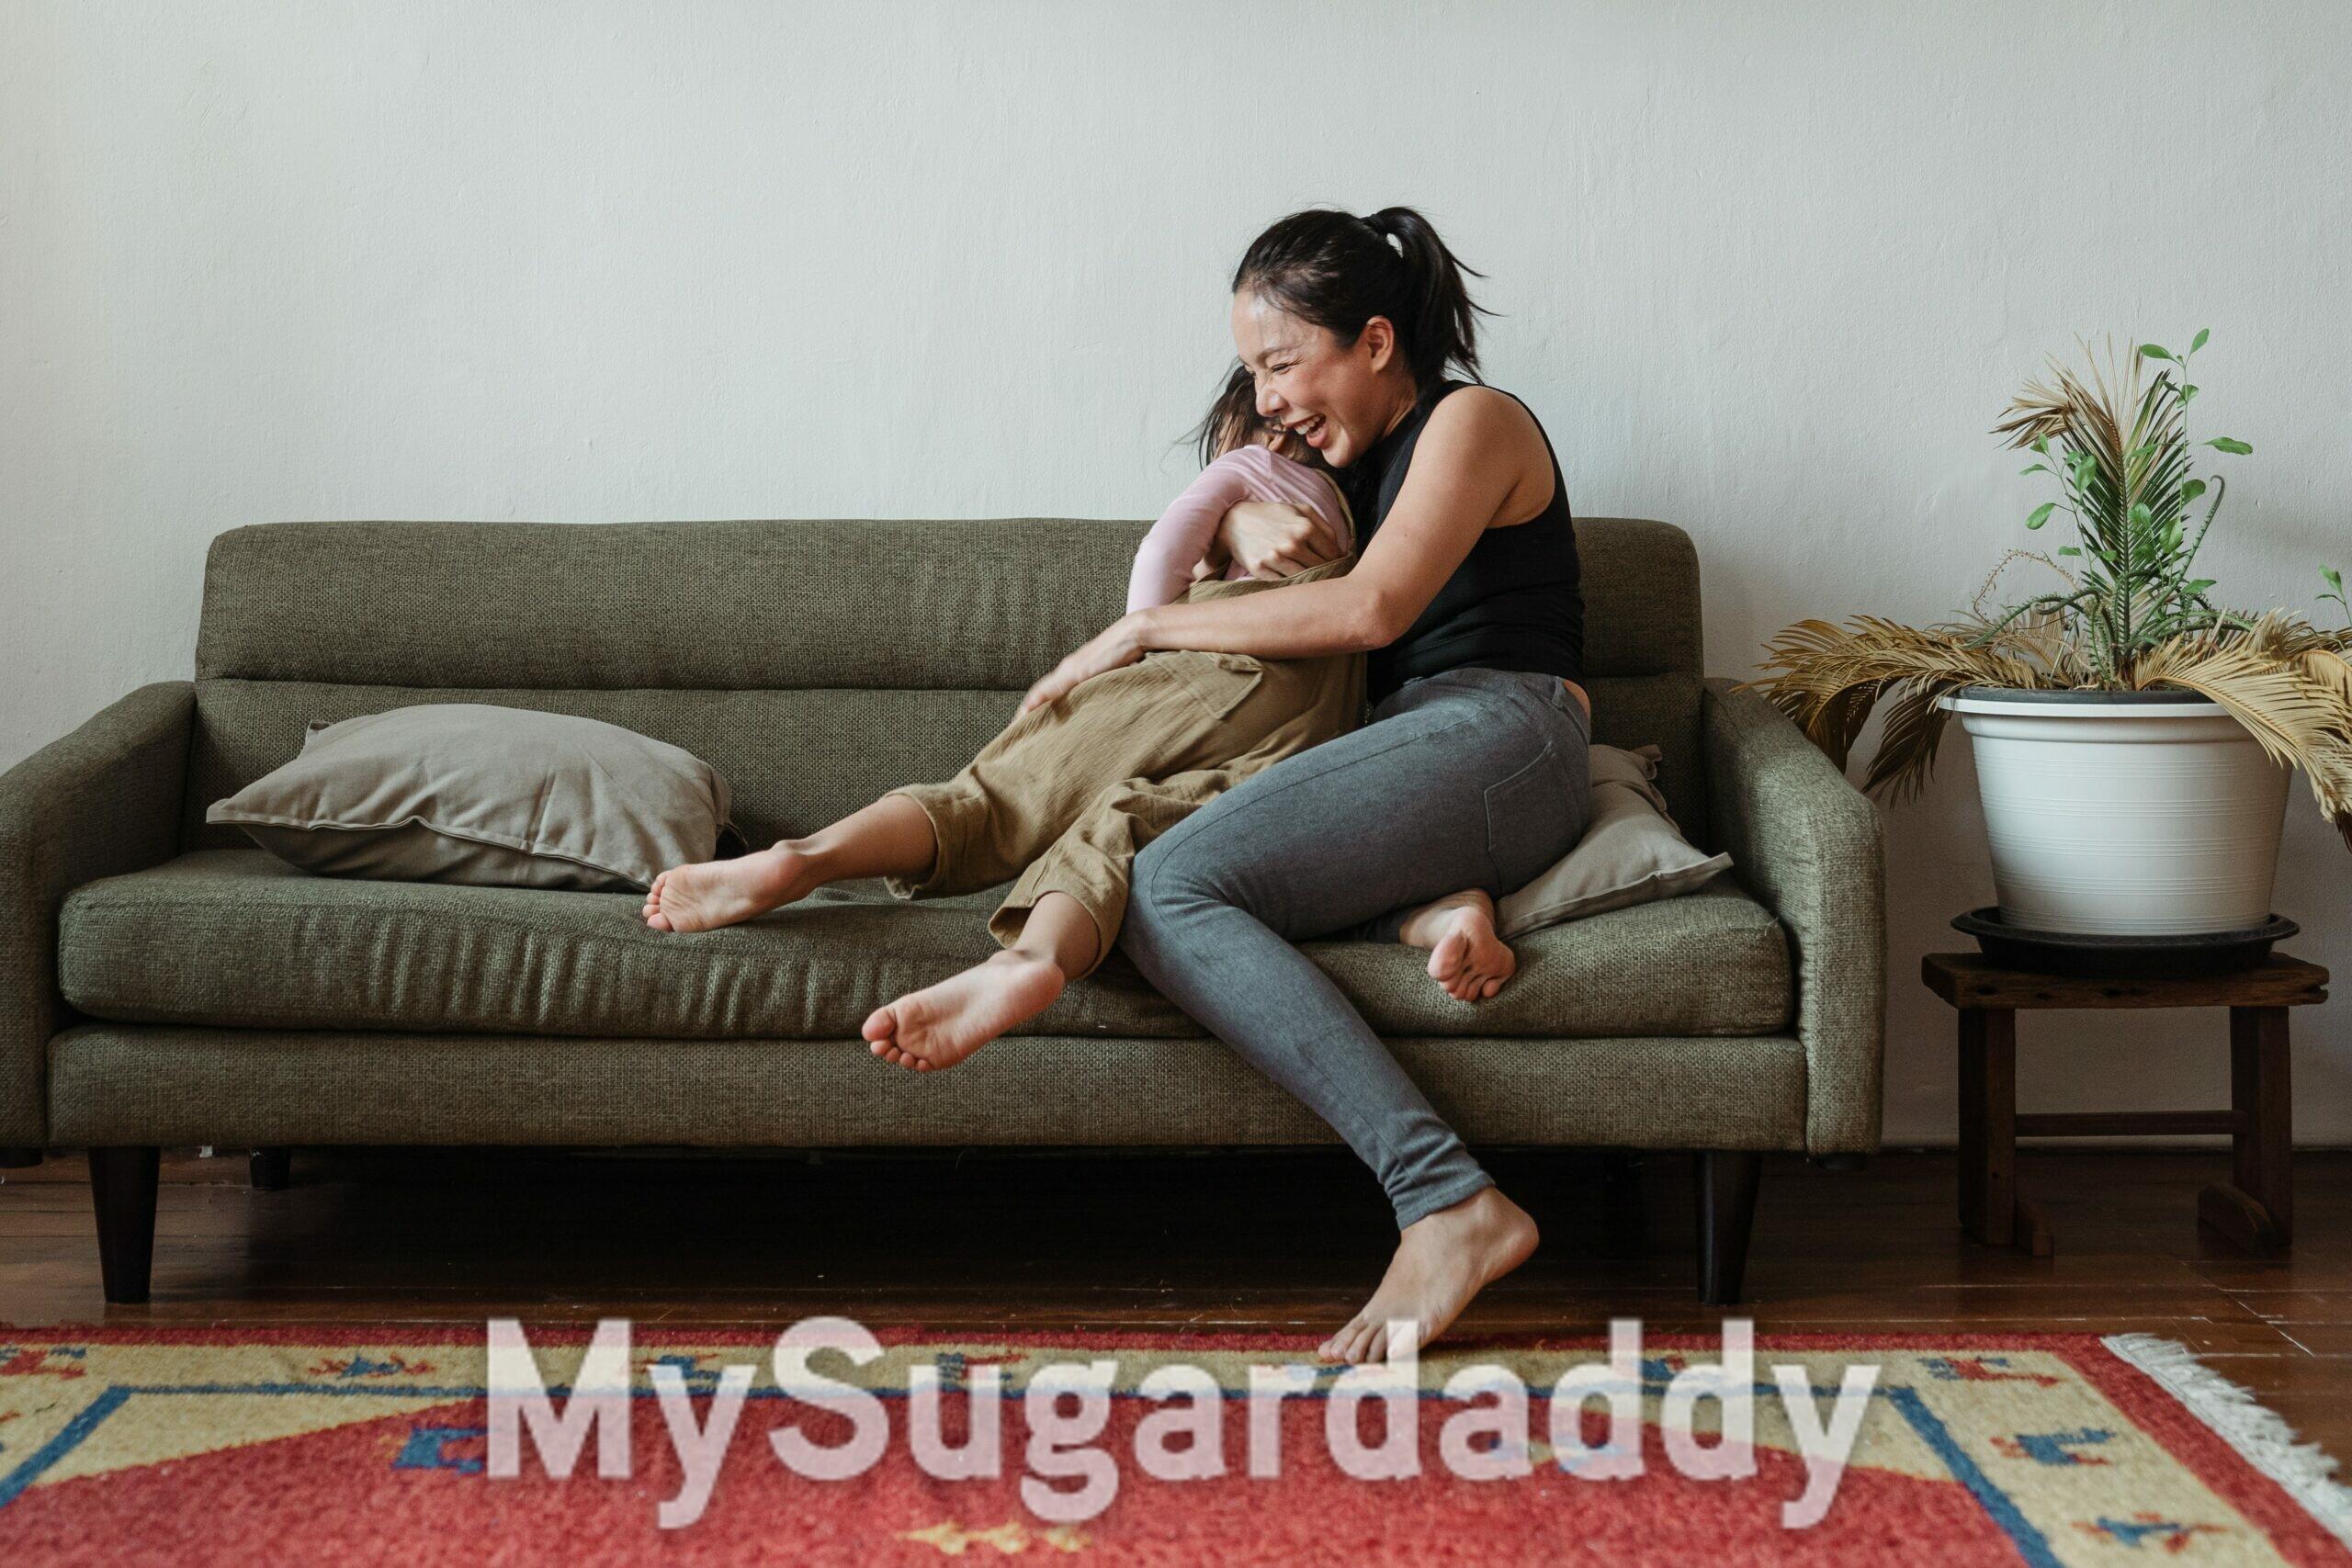 madre soltera y sugar baby